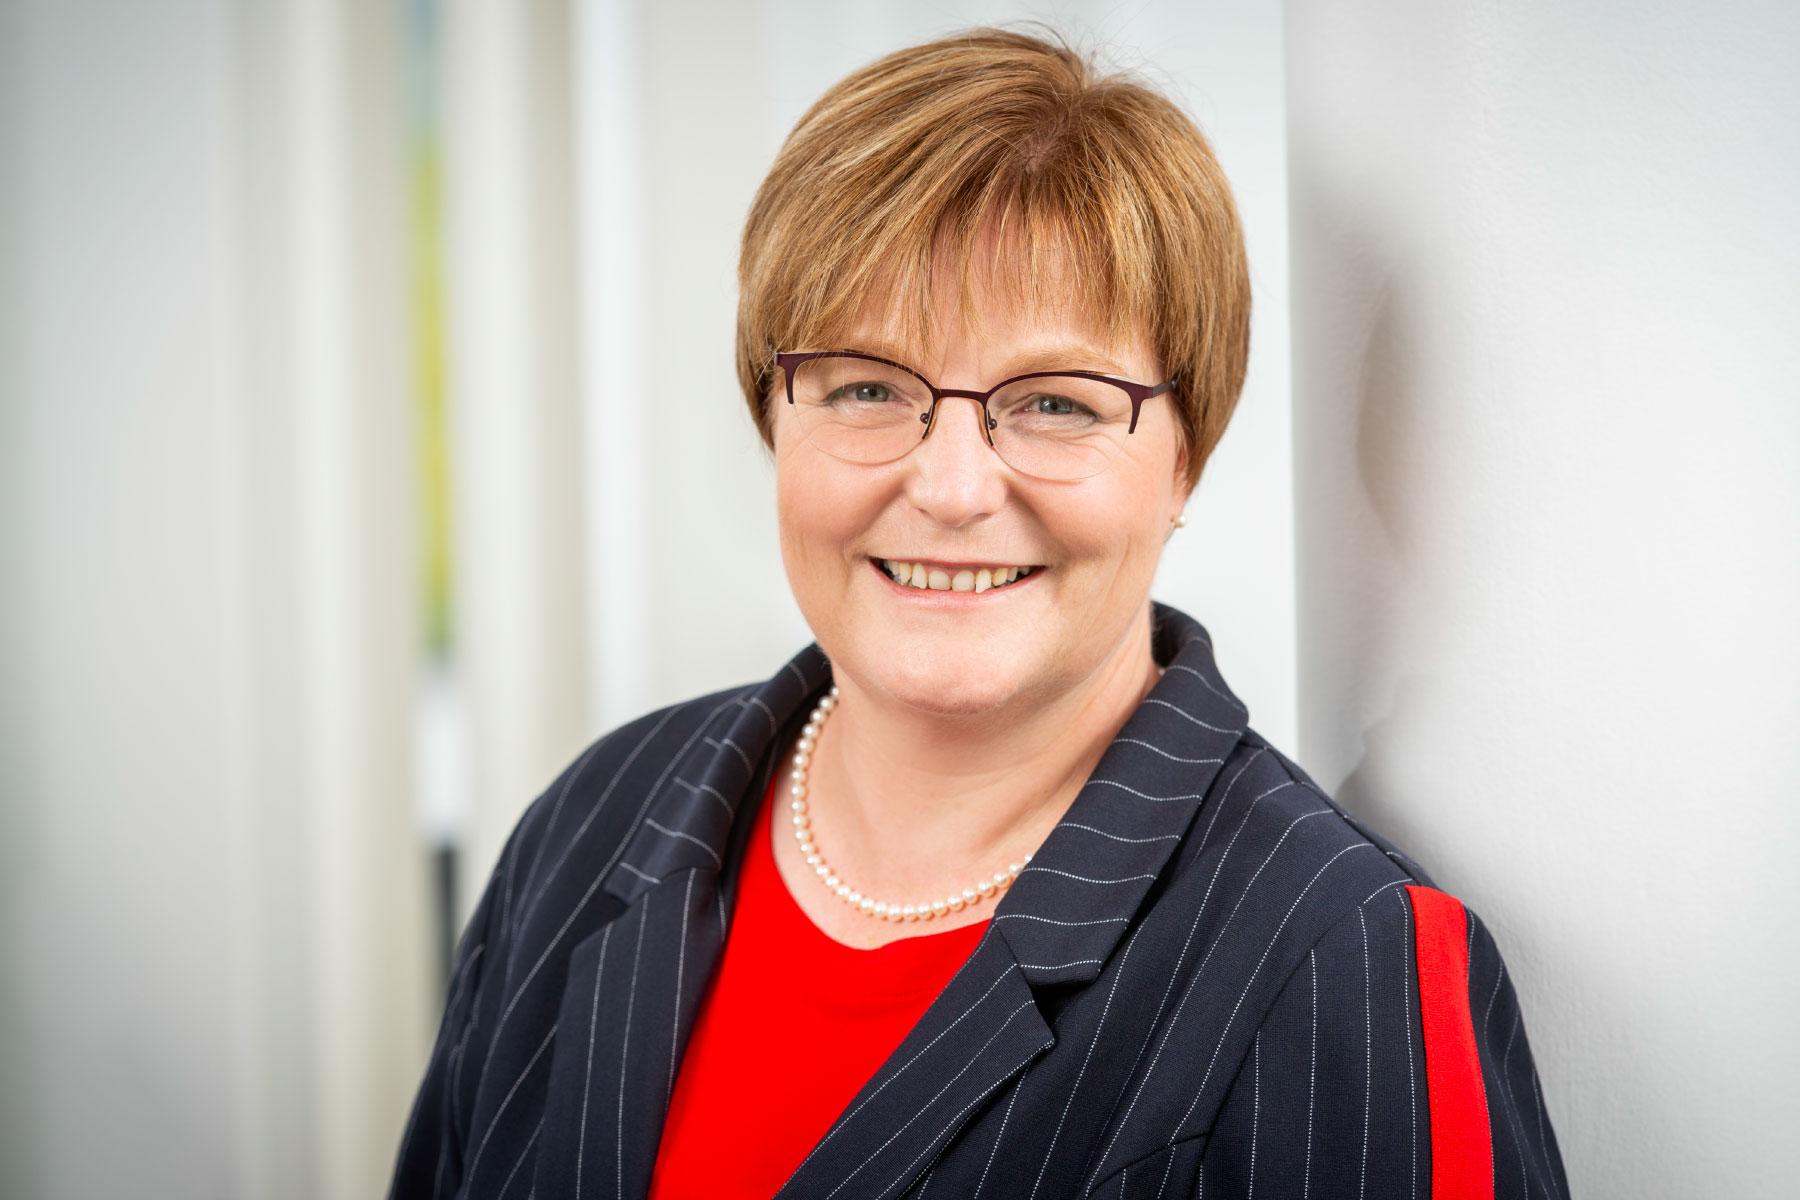 Gisela Venneklaas